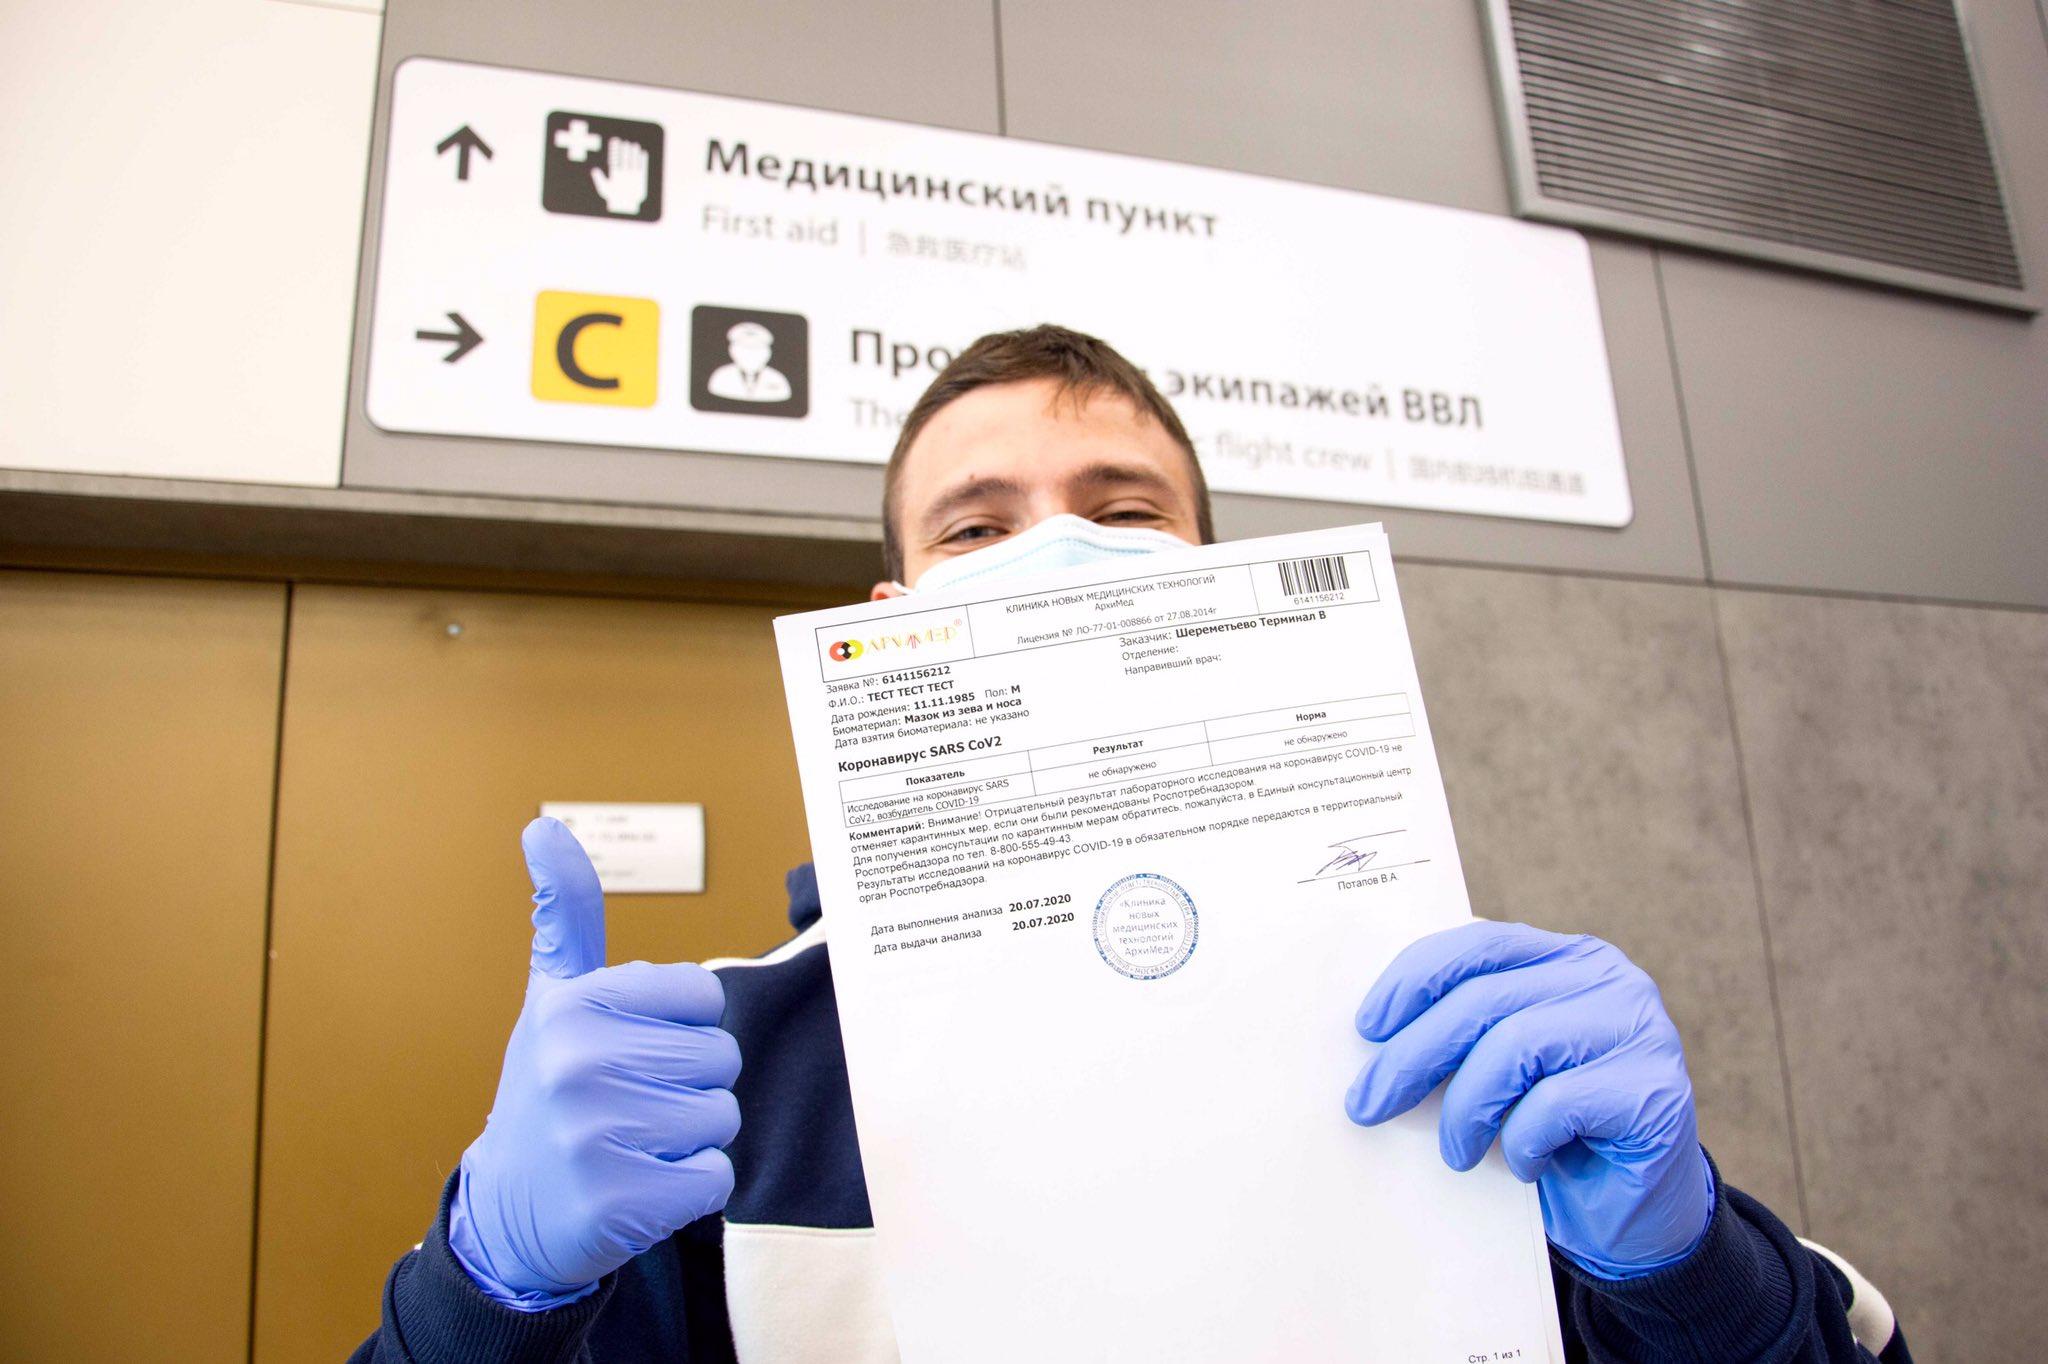 Тесты на COVID, сделанные в аэропорте, придётся переделывать